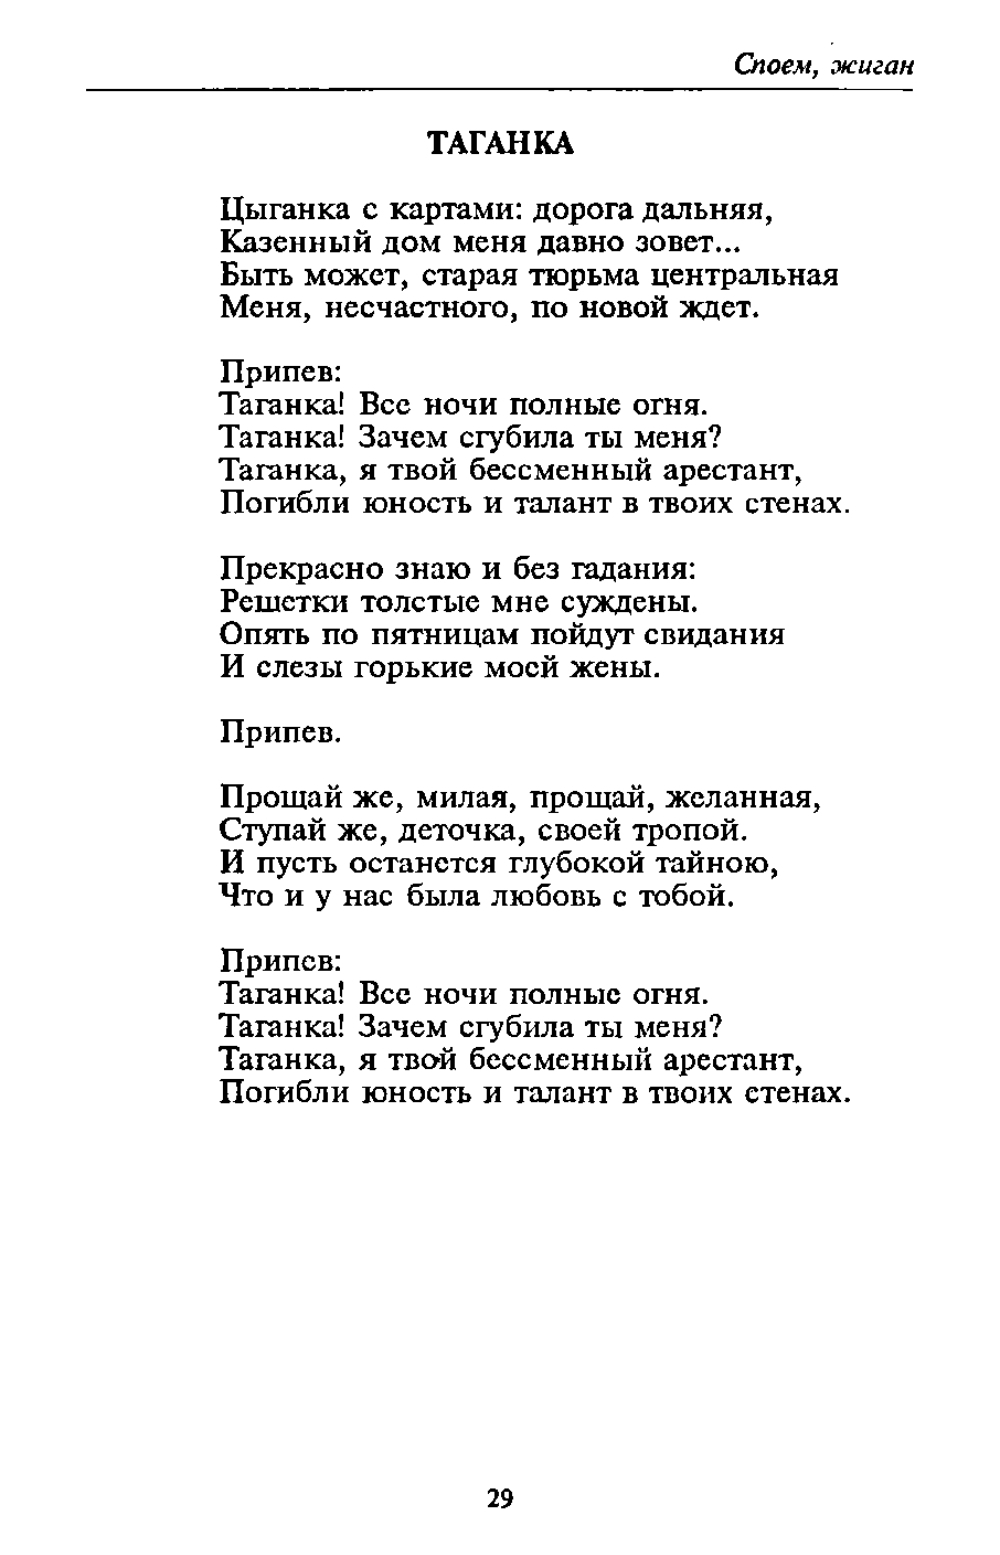 http://i5.imageban.ru/out/2013/11/14/0e77d158585513fdb7ef3732a2e4ffe8.jpg